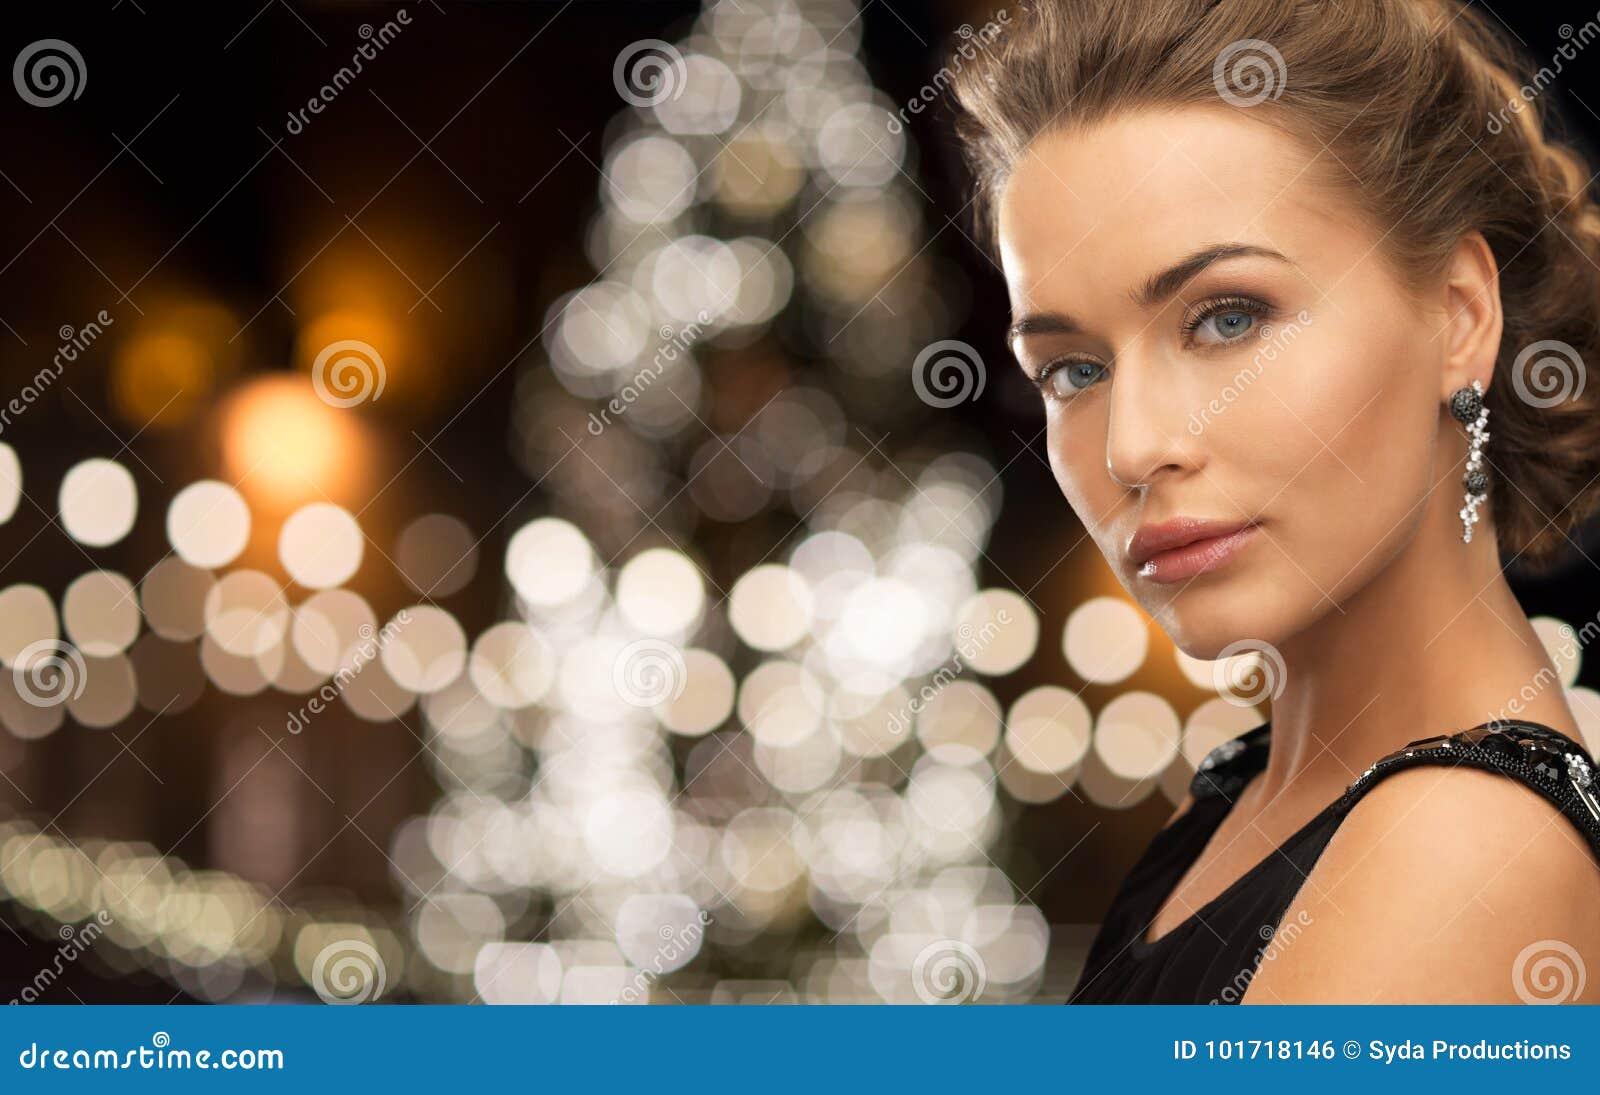 Kobieta jest ubranym biżuterię nad bożonarodzeniowe światła